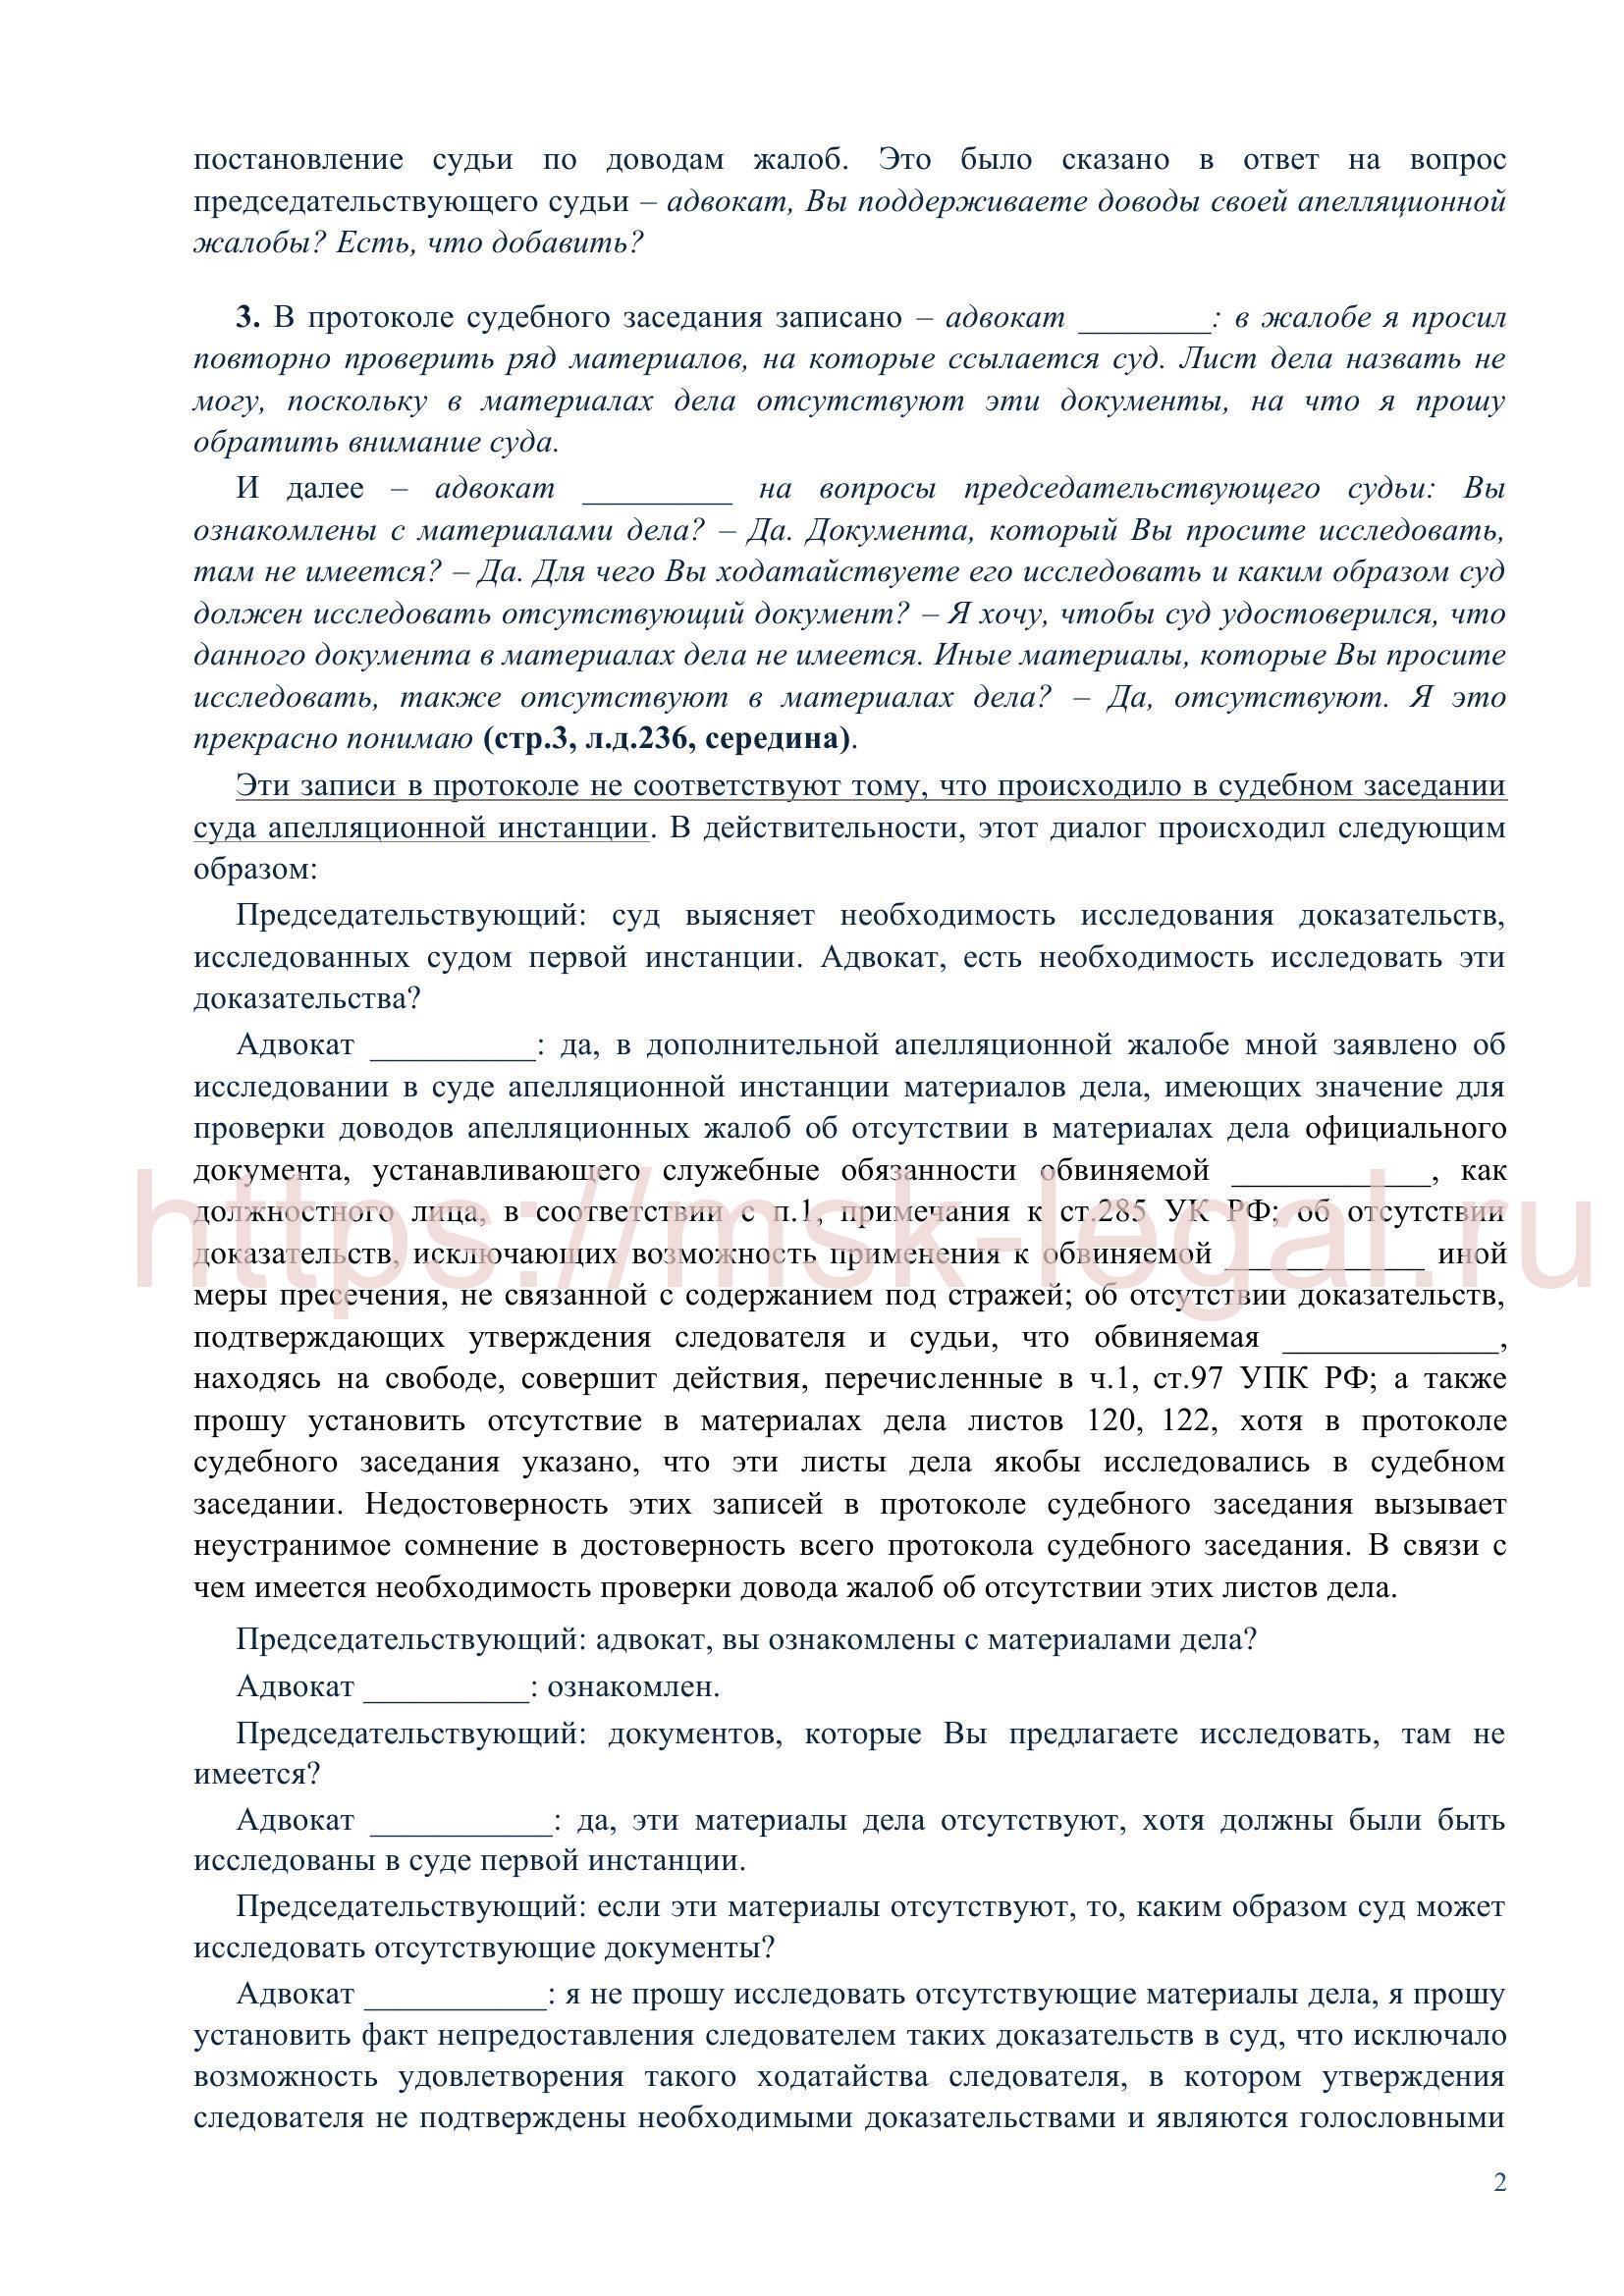 Замечания адвоката на протокол заседания апелляционного суда